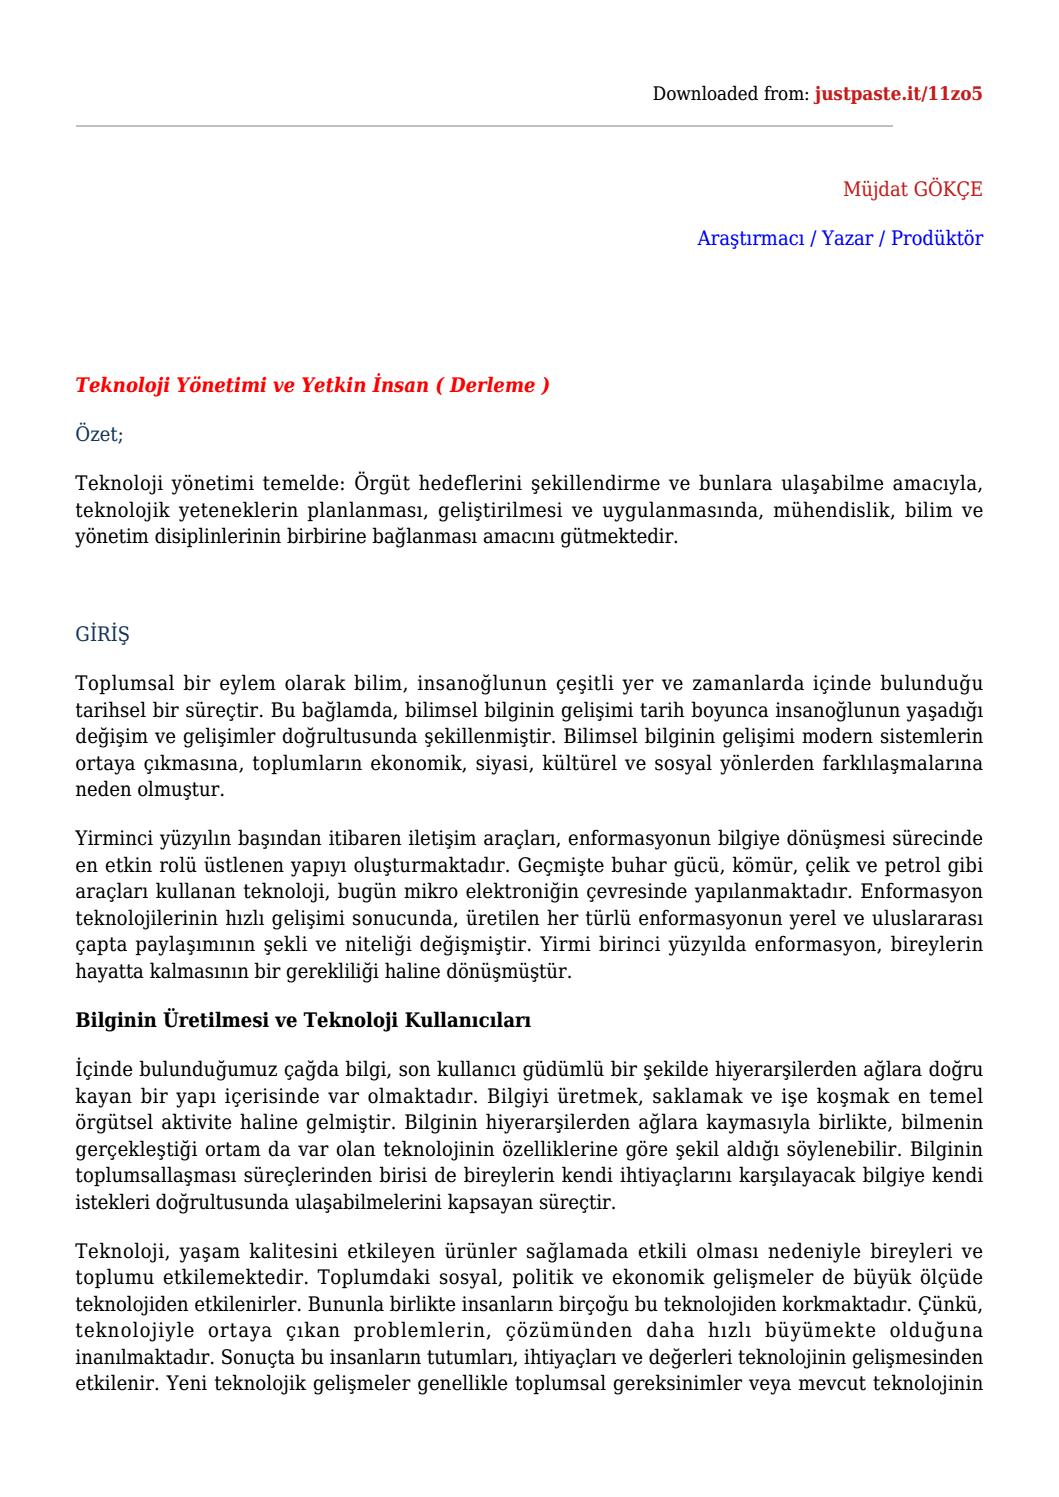 Yönetim nesnesi, yönetim konusu - tamamlayıcı kavramlar